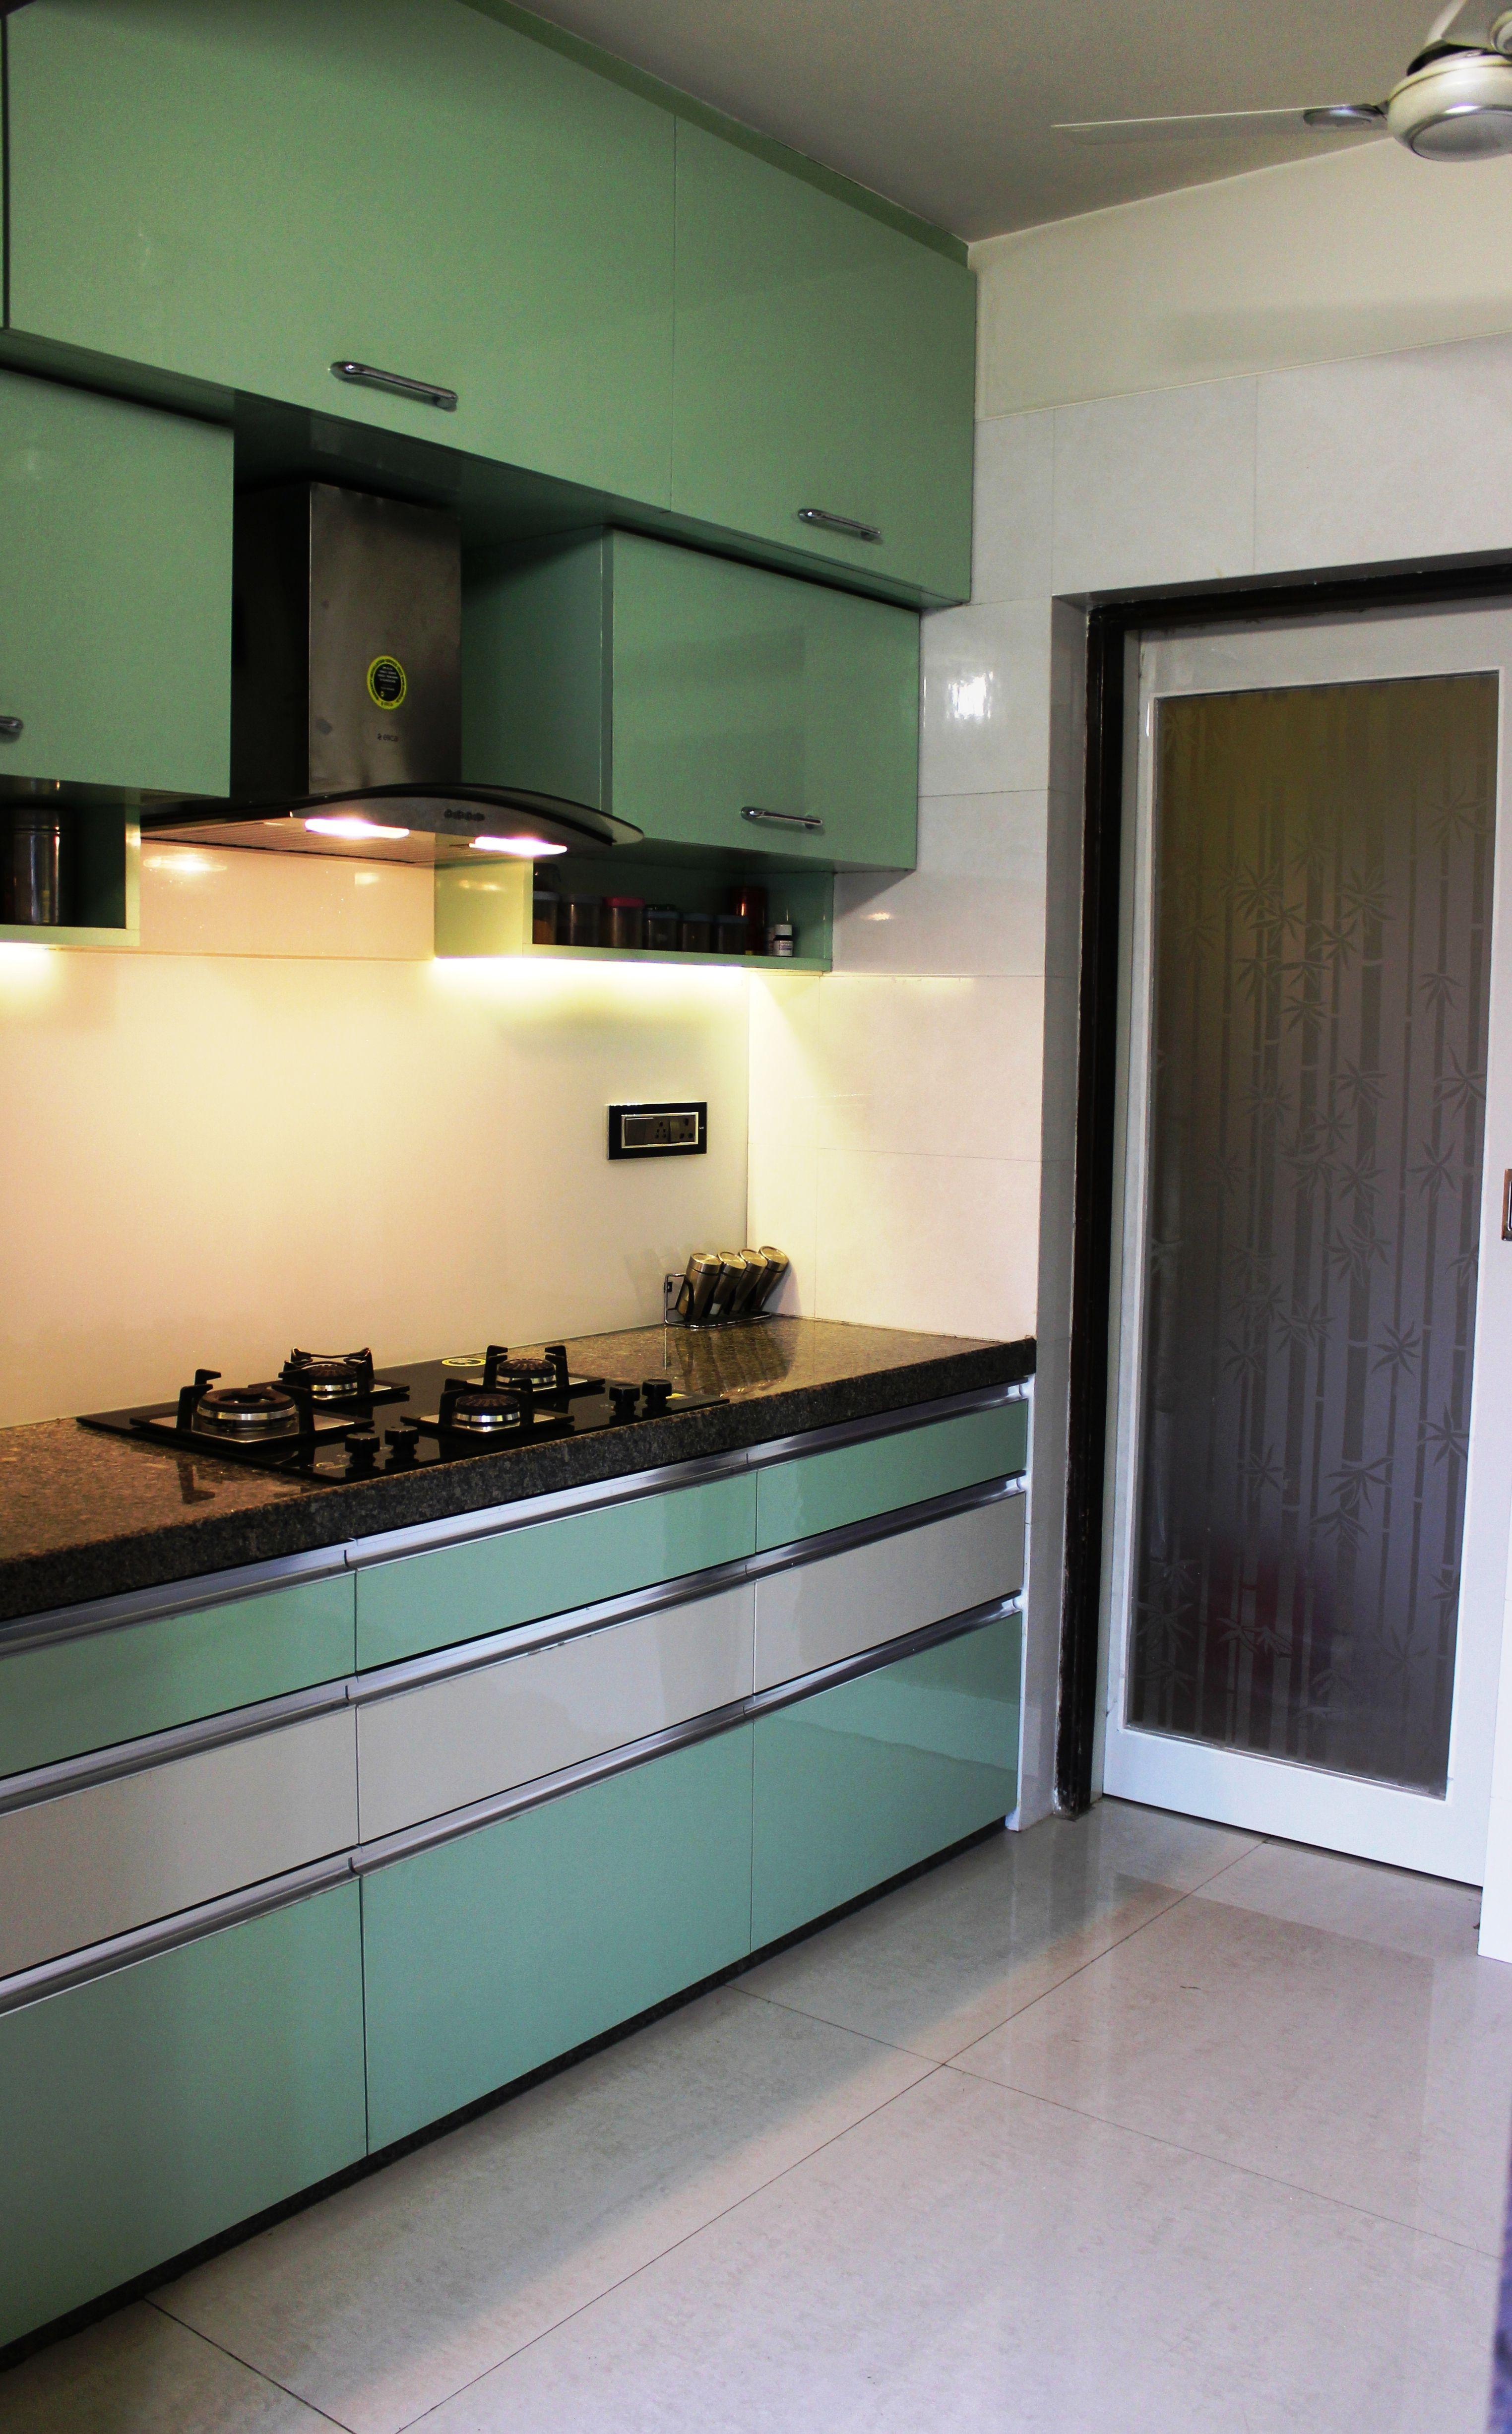 Abt Custom Kitchen Galleries Contemporary Kitchen Cabinets Modern Kitchen Cabinet Design Minimalist Kitchen Cabinets